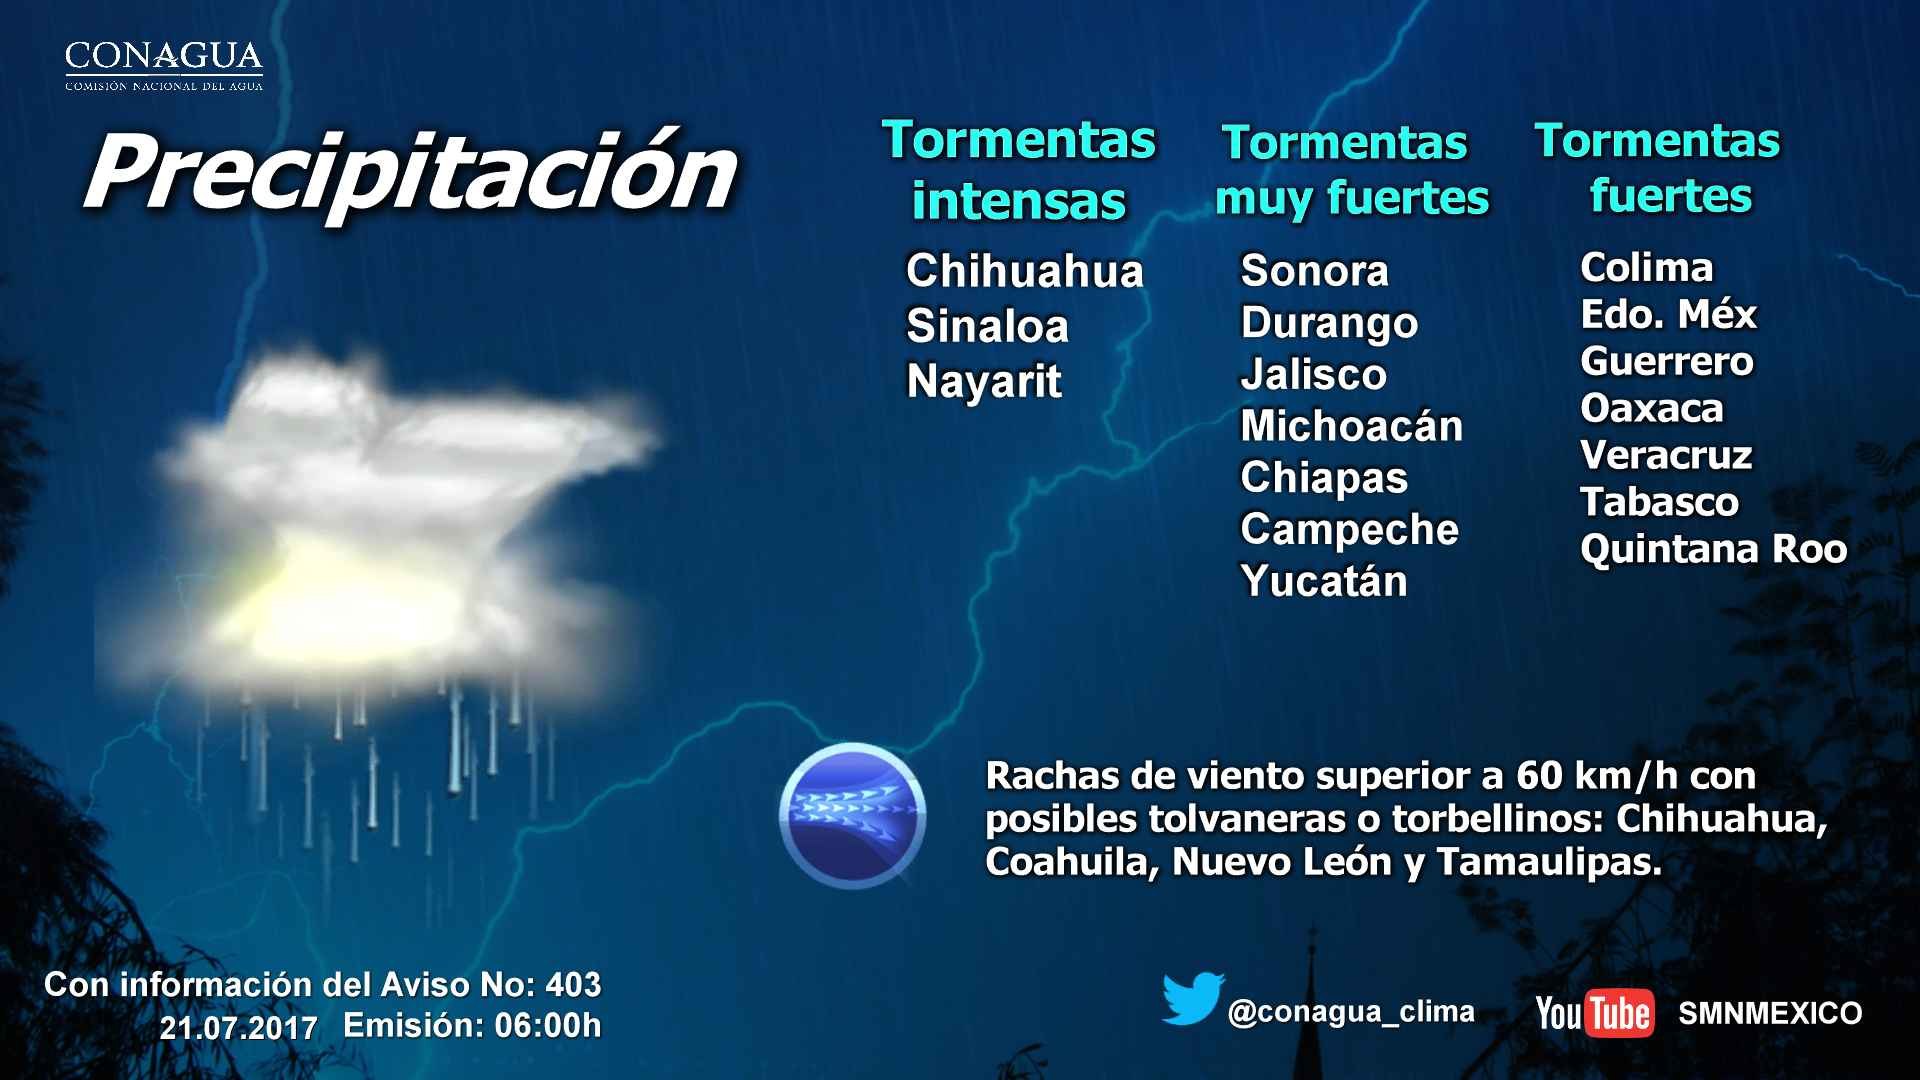 Prevalece pronóstico de lluvias con intervalos de chubascos para Tlaxcala